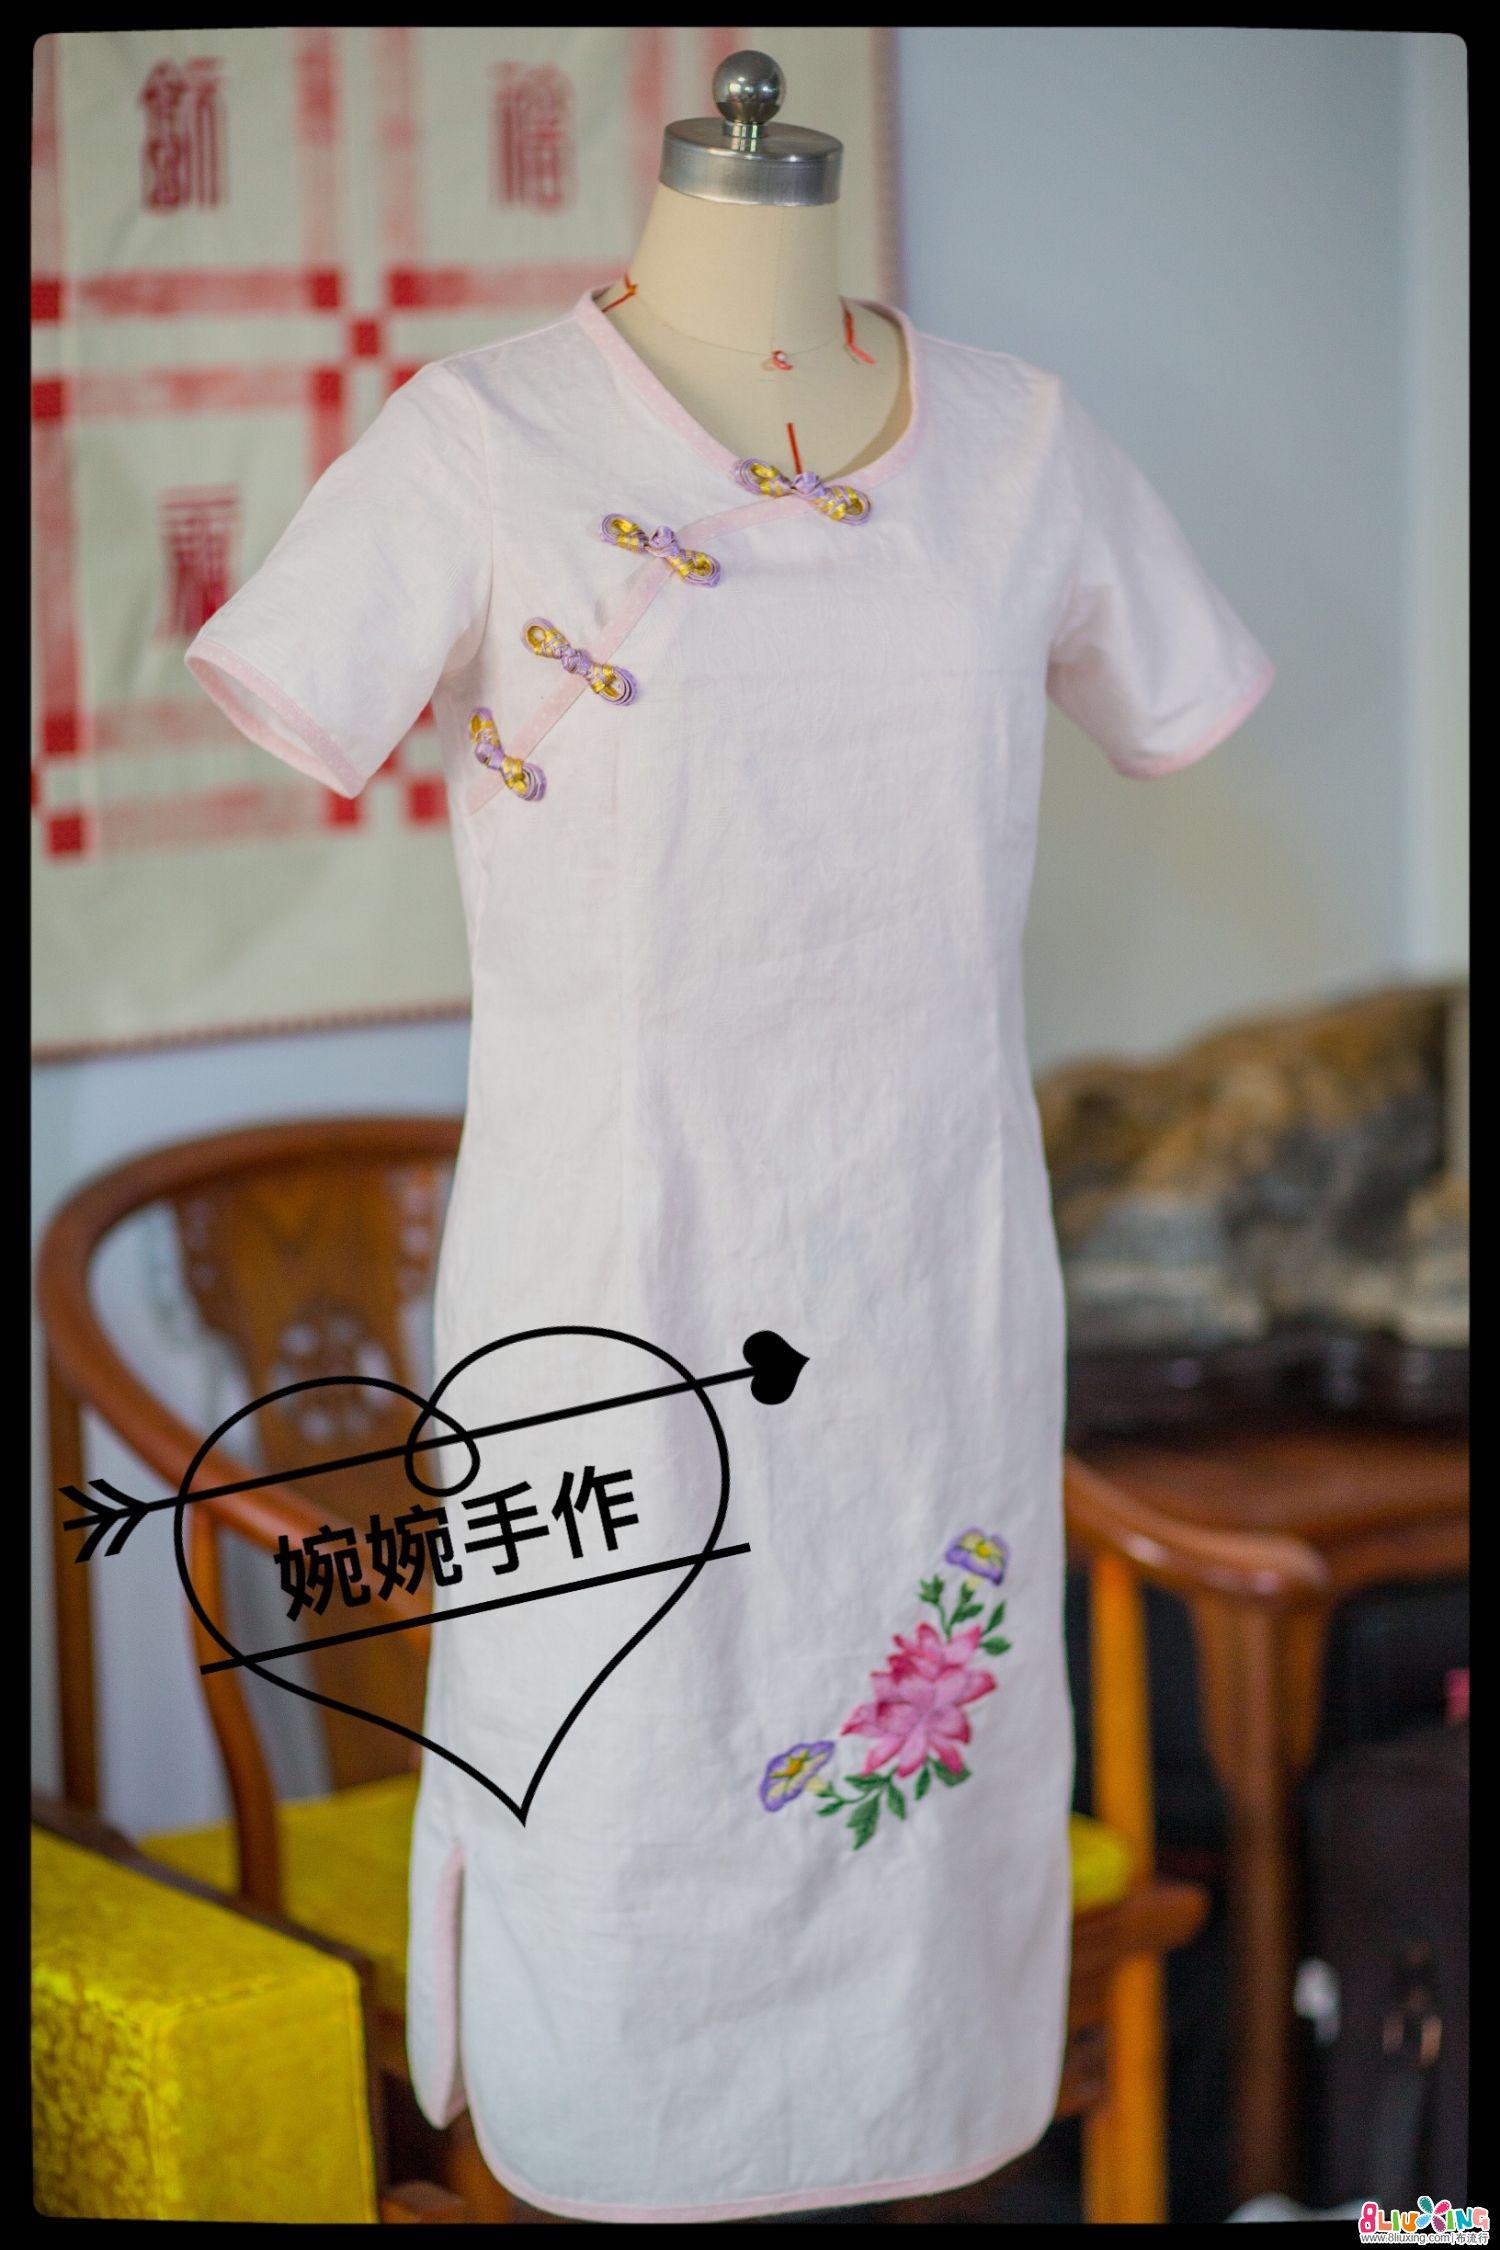 【婉婉手作】短袖包边绣花家常短款旗袍